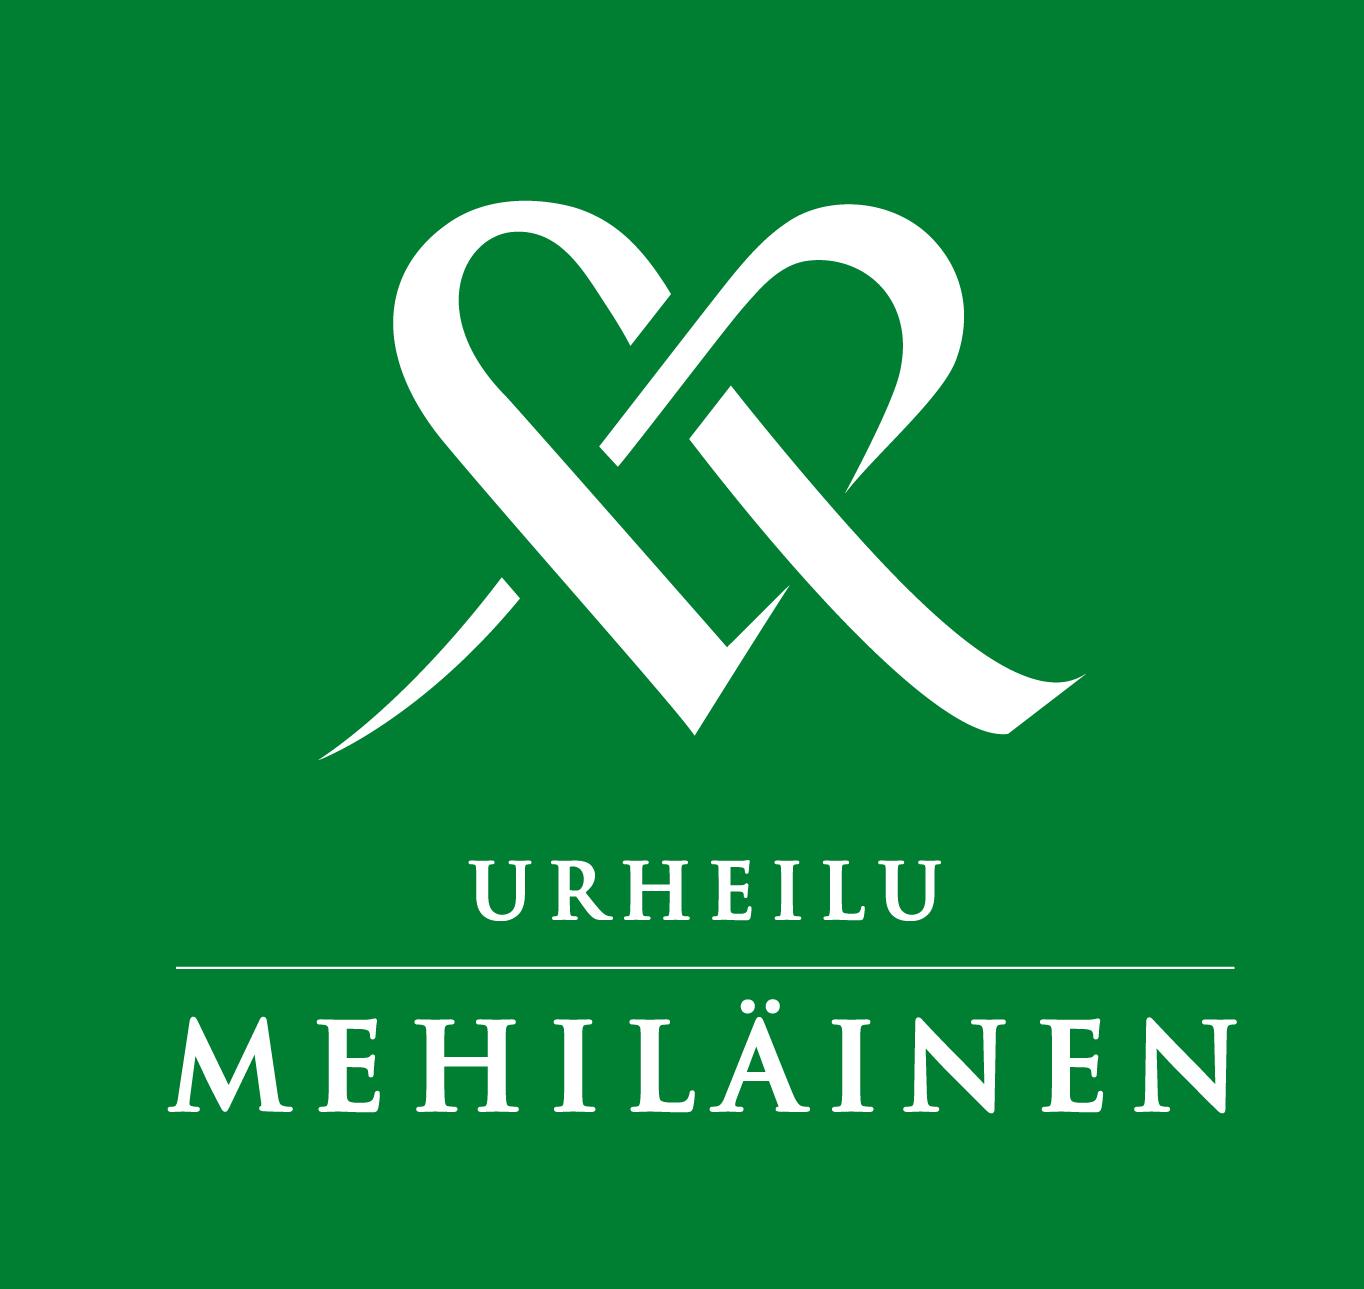 https://stadicup.fi/wp-content/uploads/2021/05/urheilu_mehilainen_logo_pysty_rgb.png